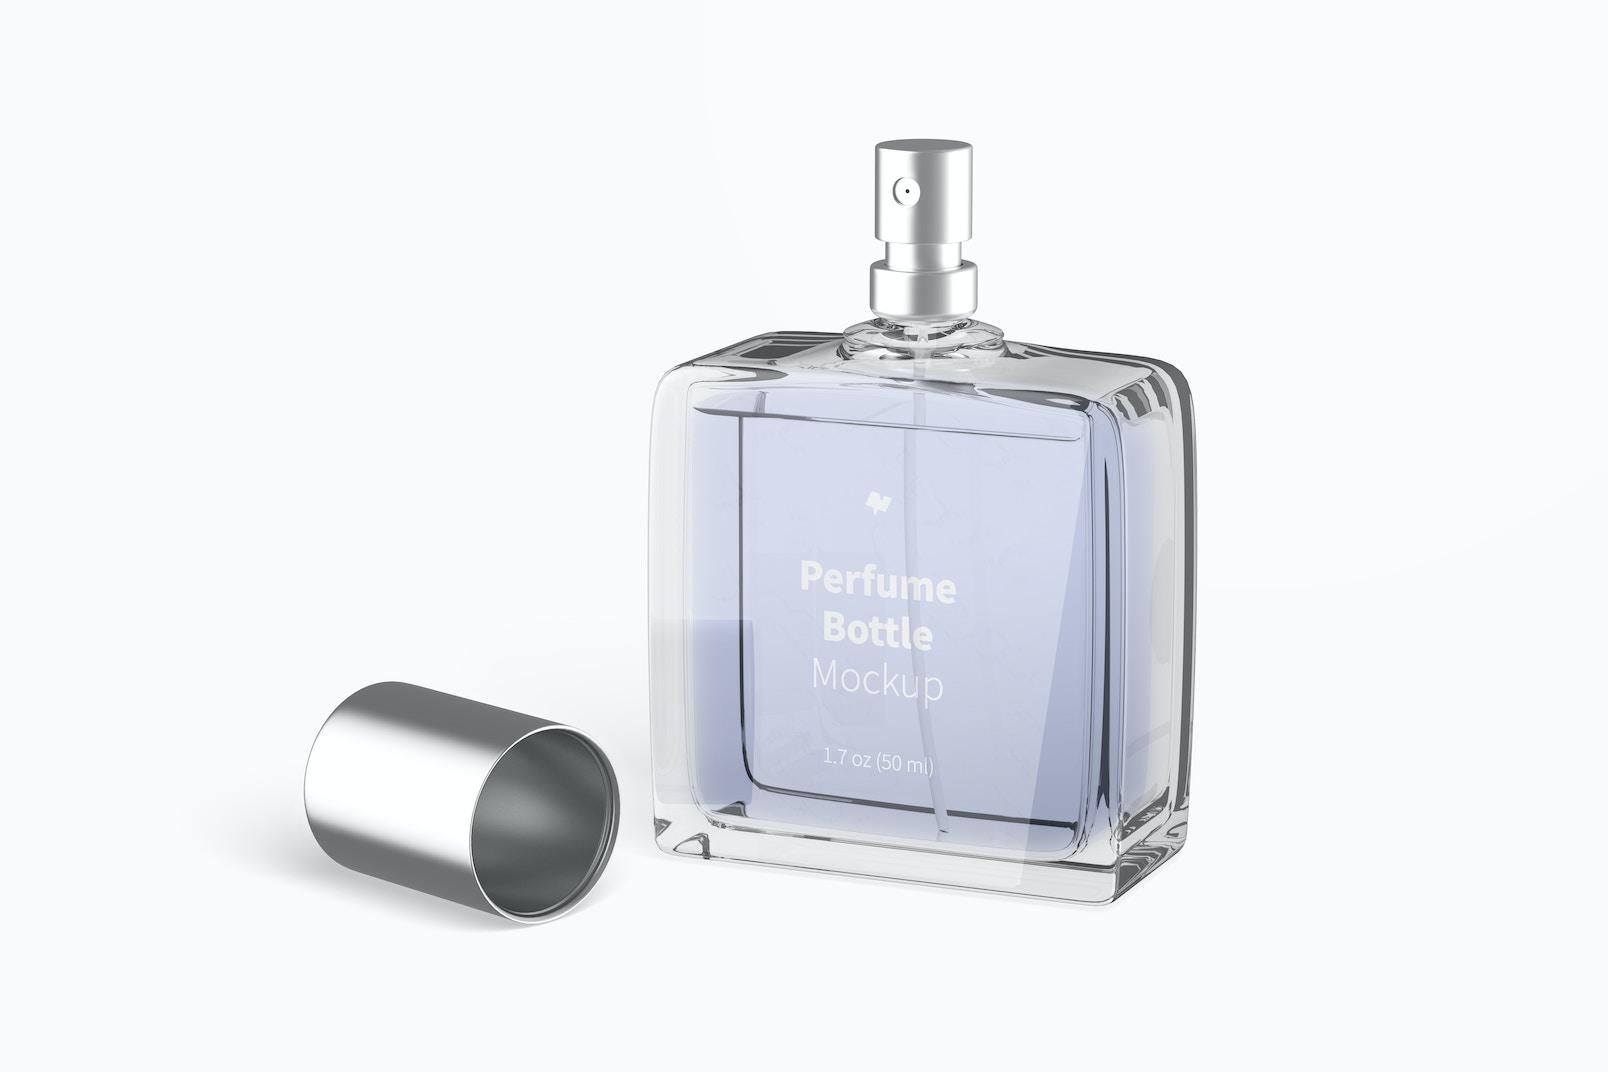 Perfume Bottle Mockup, Opened